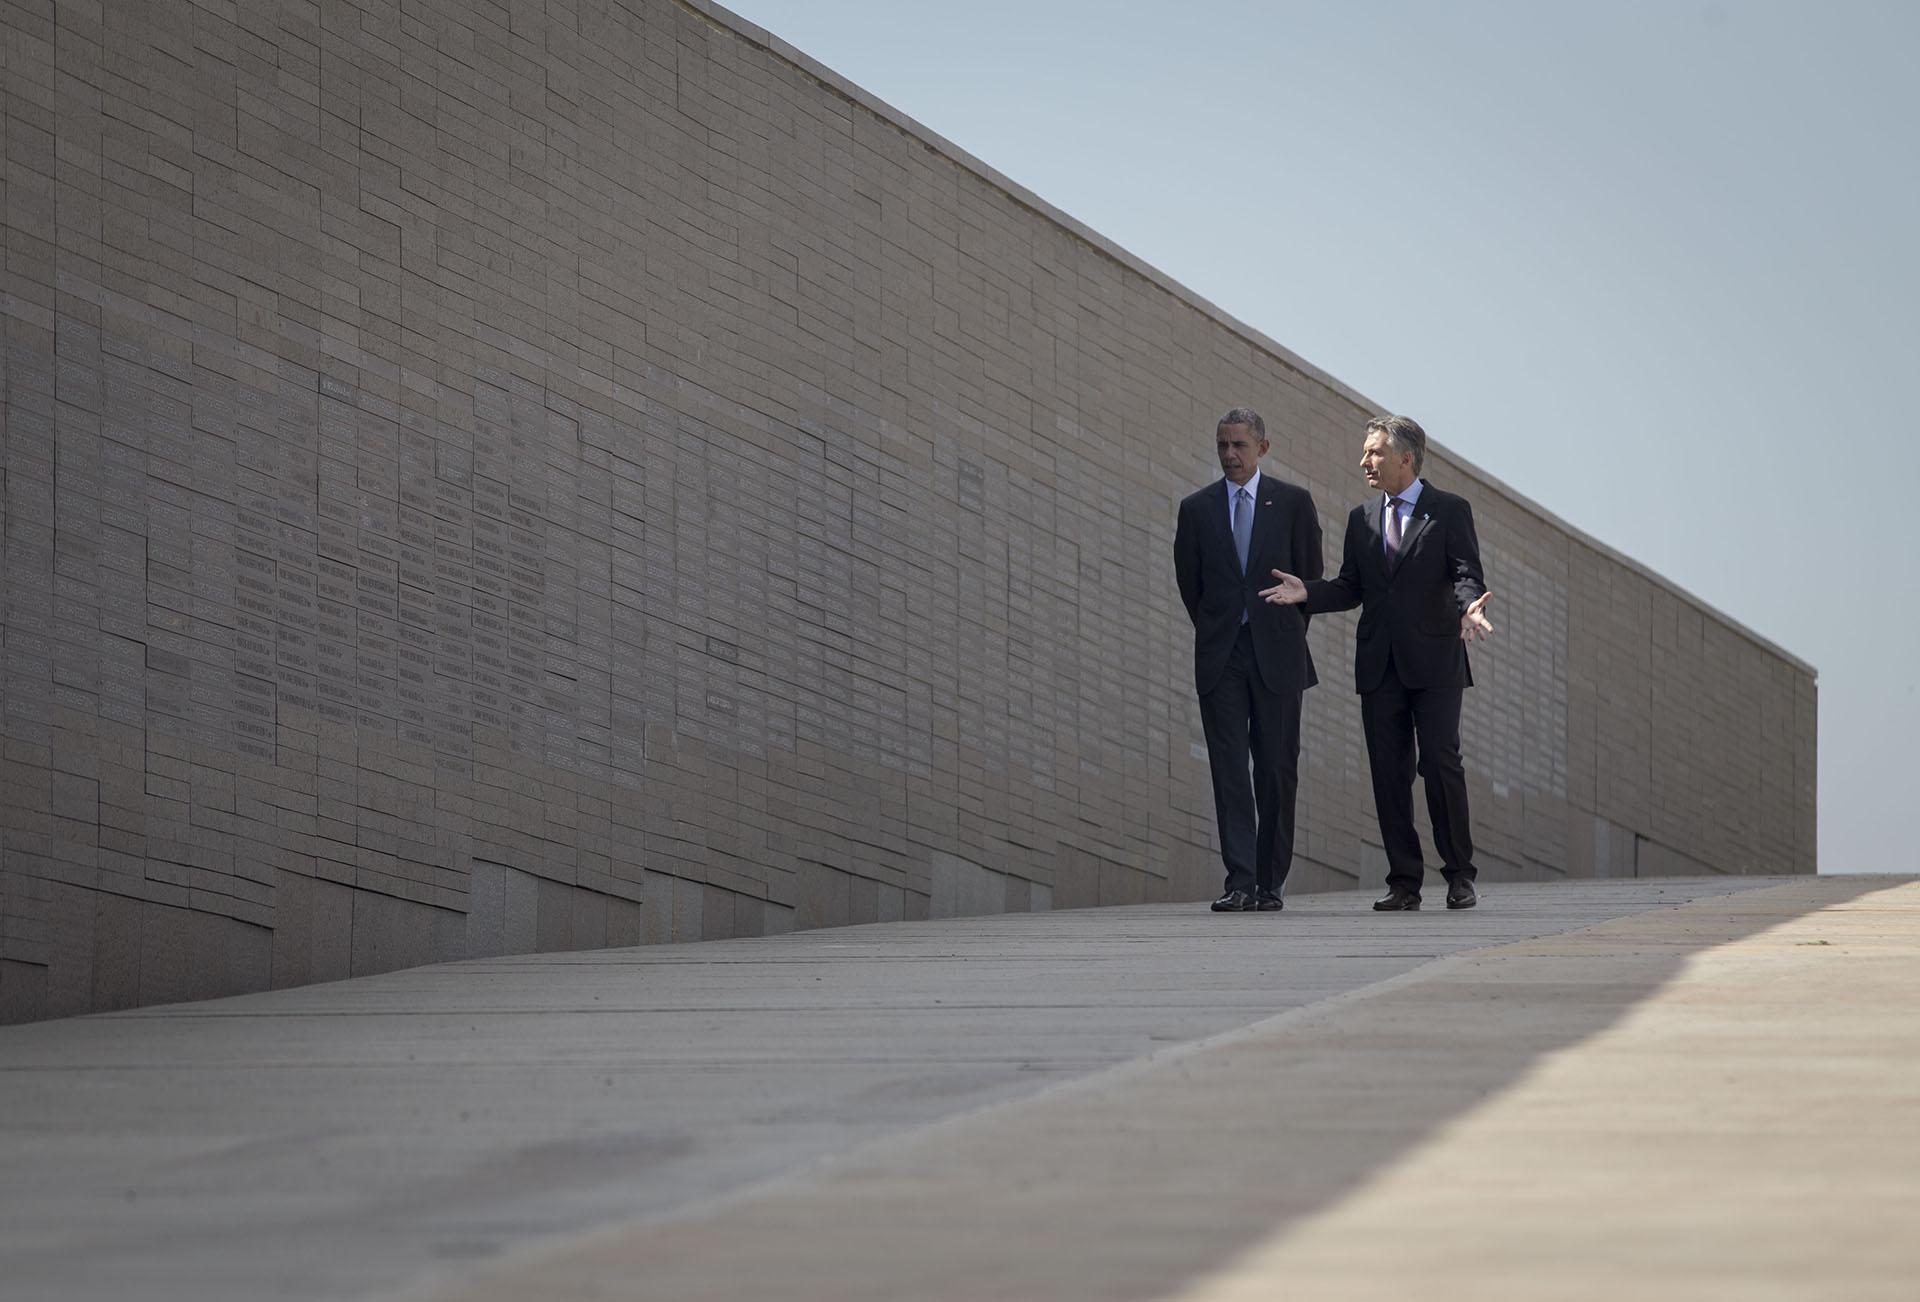 2016. Visita al Parque de la Memoria con su par norteamericano Barack Obama, durante su visita de Estado en marzo de ese año.